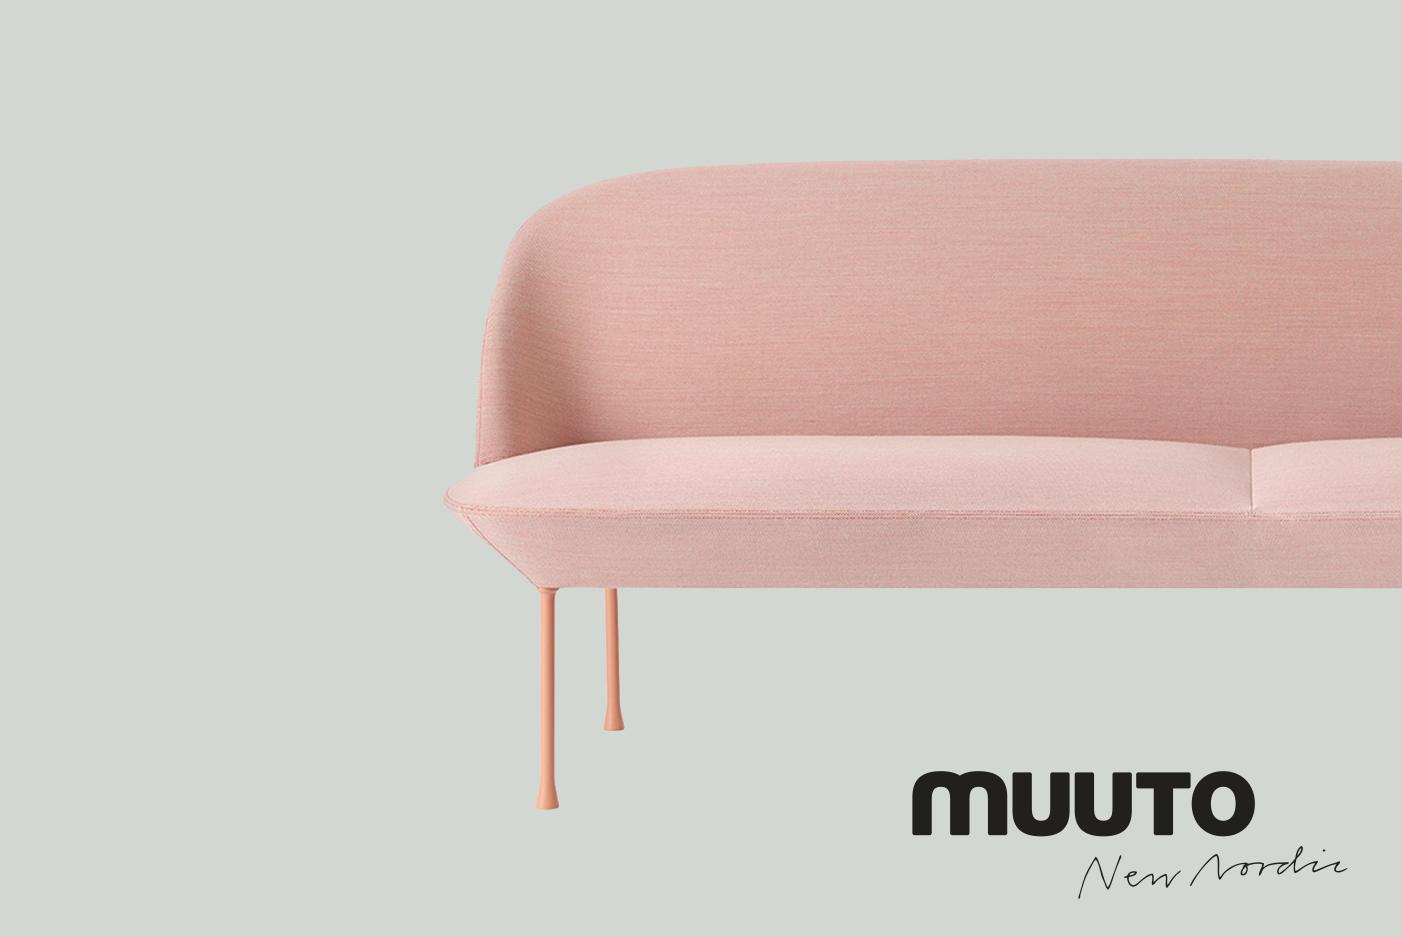 Muuto - New Nordic